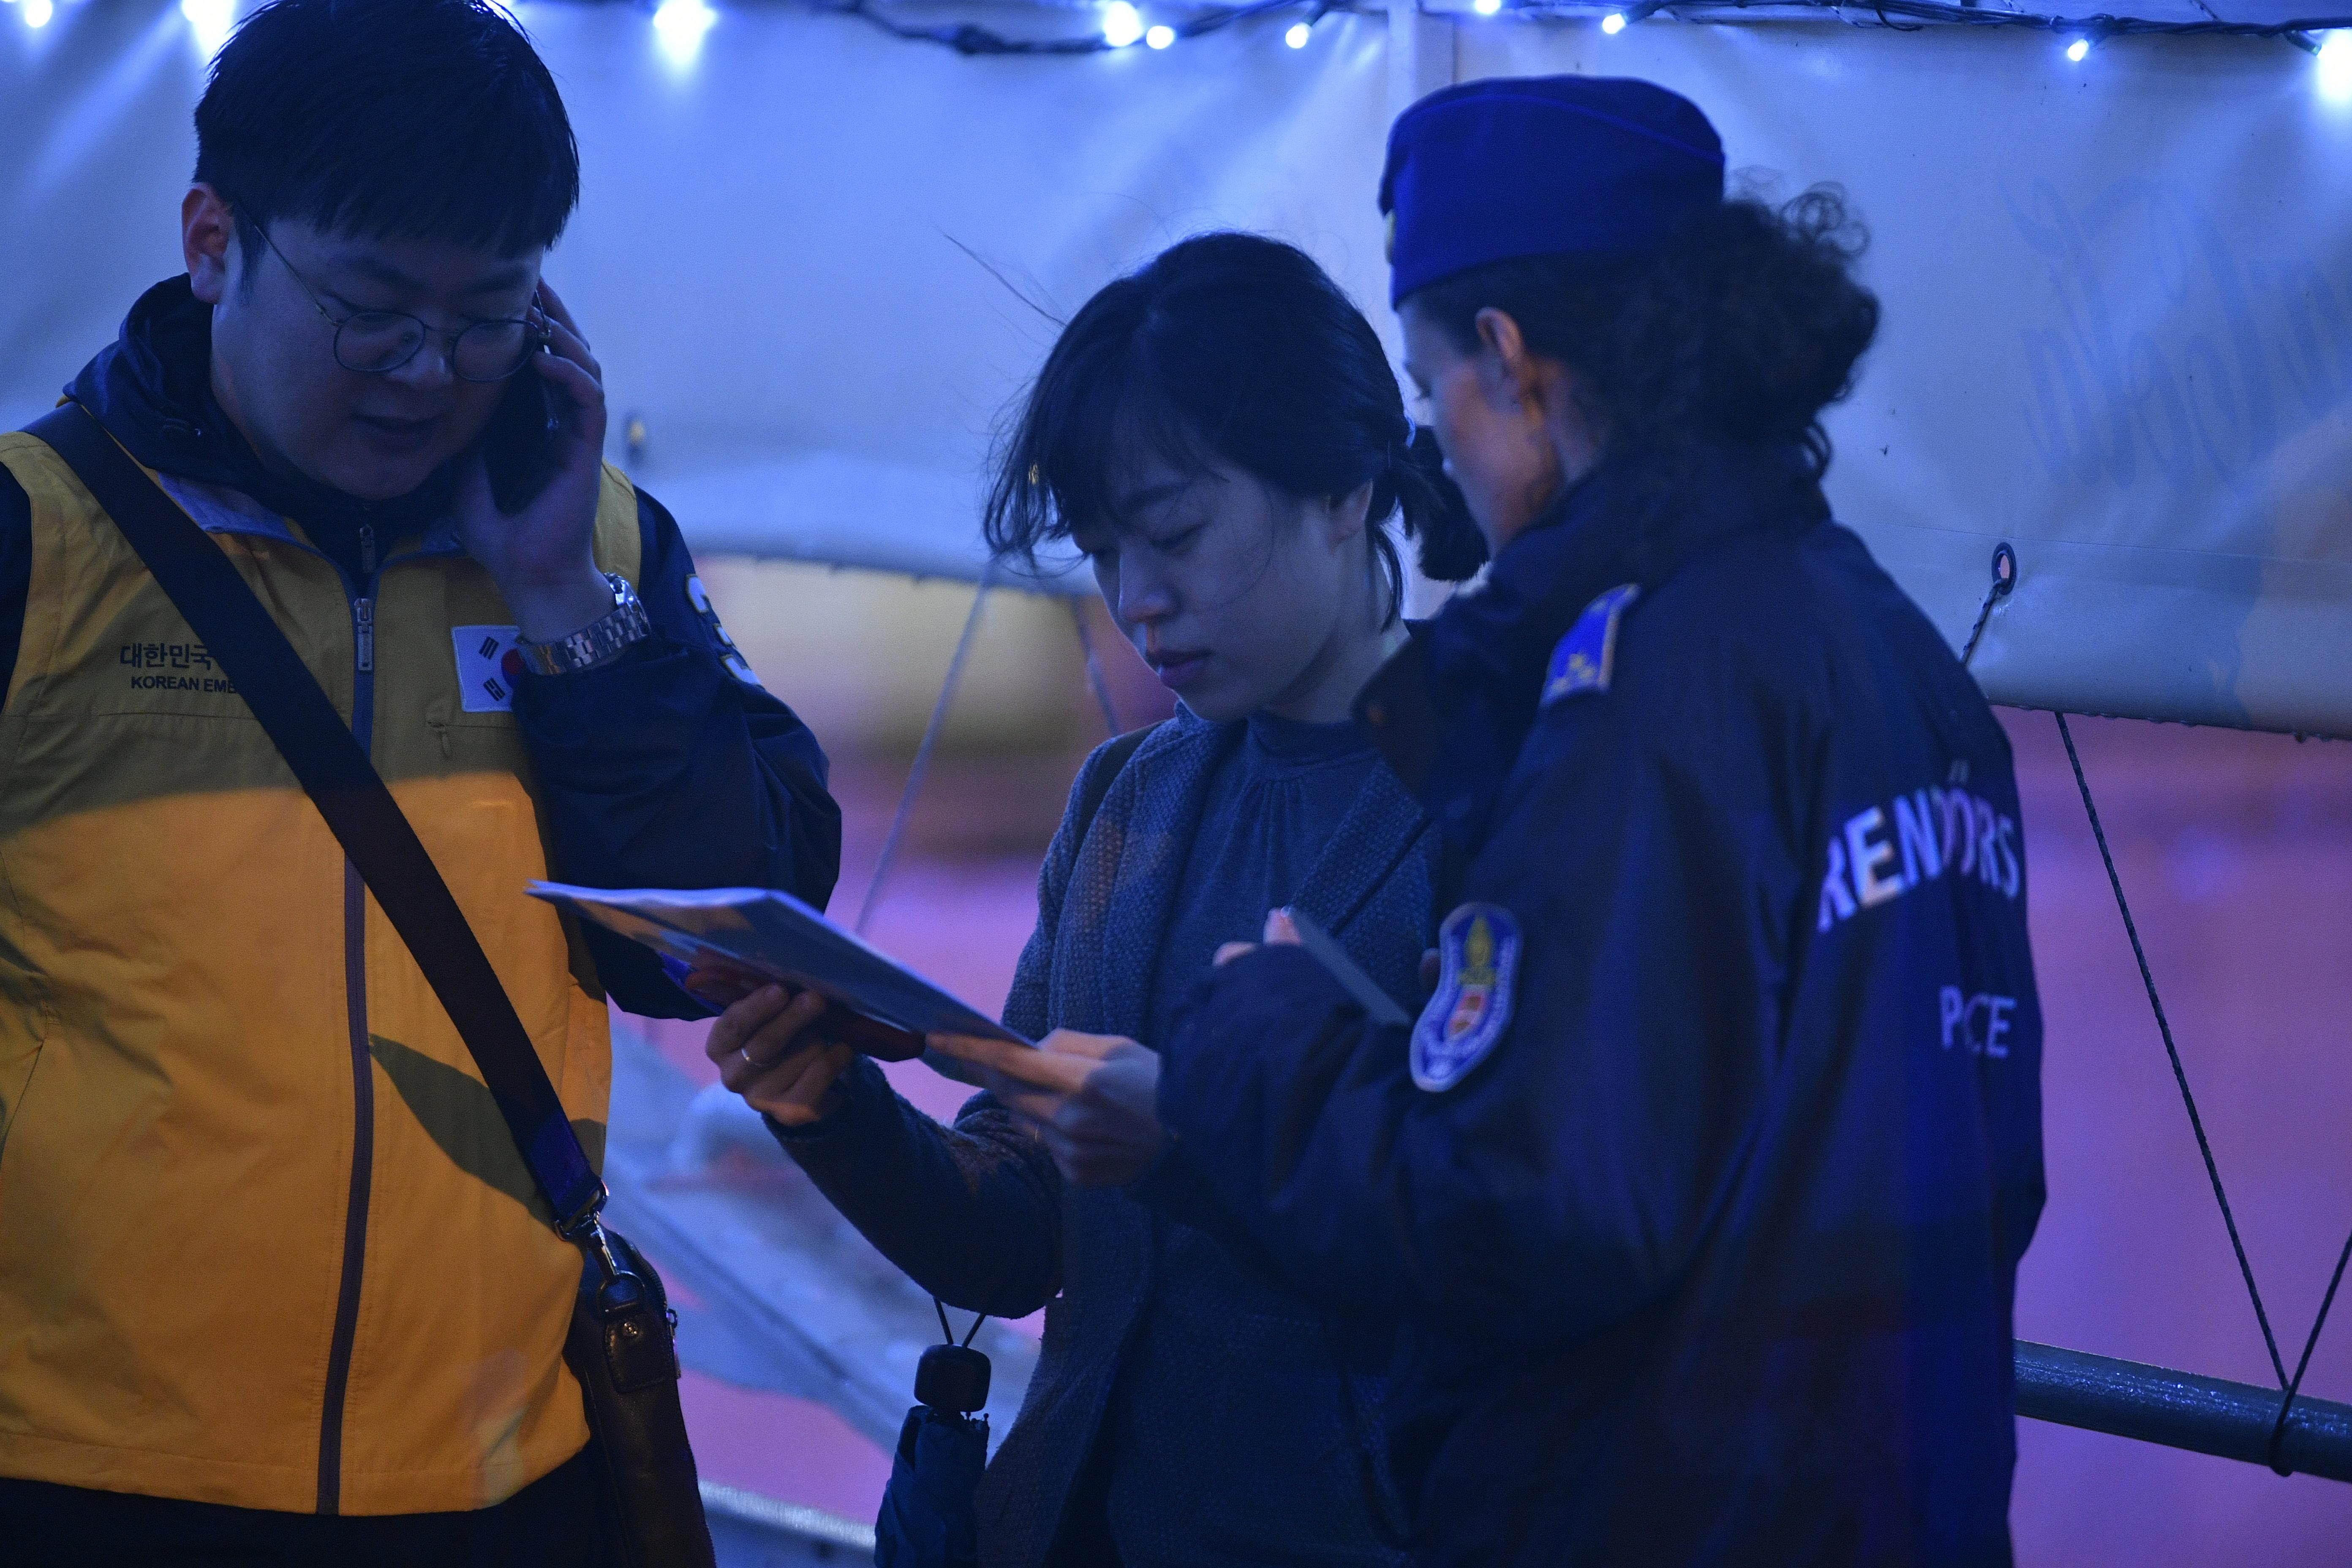 A lengyel LOT légitársaság ingyen hozza Budapestre a Hableány áldozatainak dél-koreai hozzátartozóit